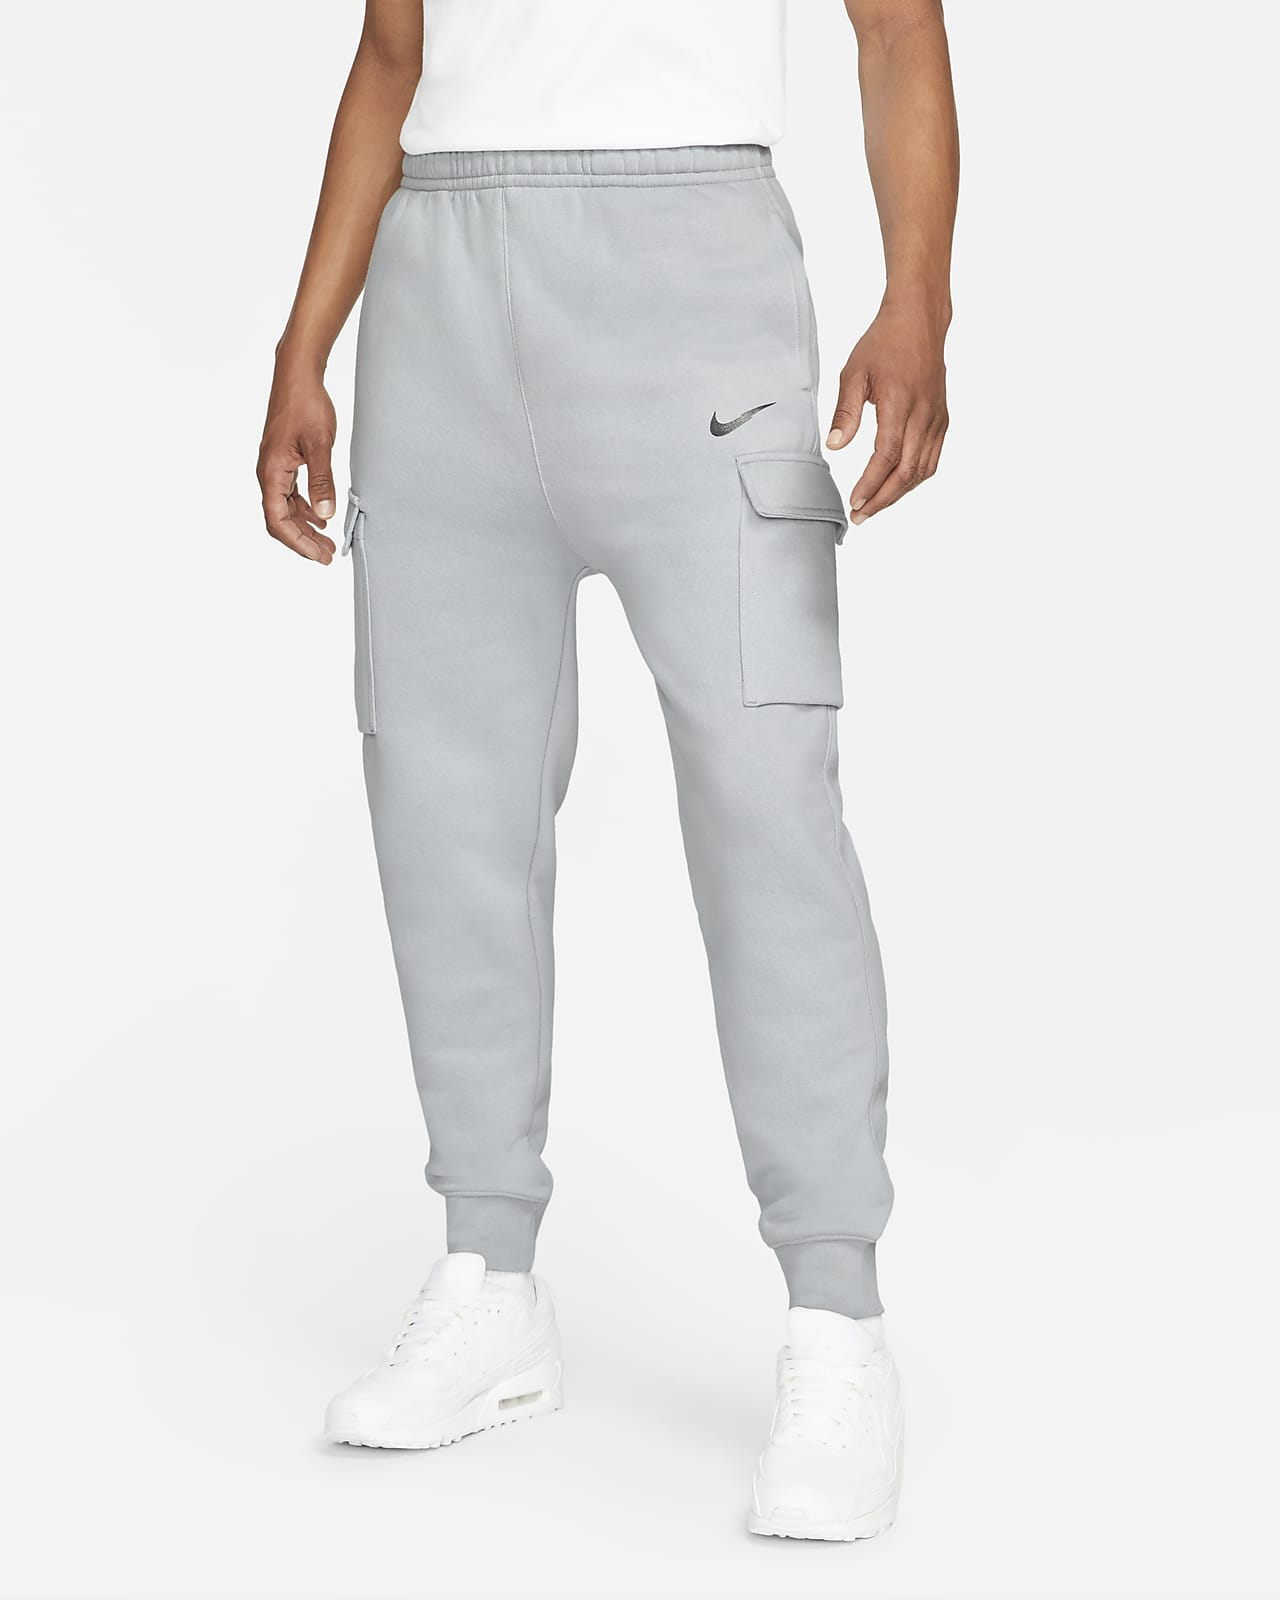 Ανδρικό παντελόνι cargo Nike Sportswear